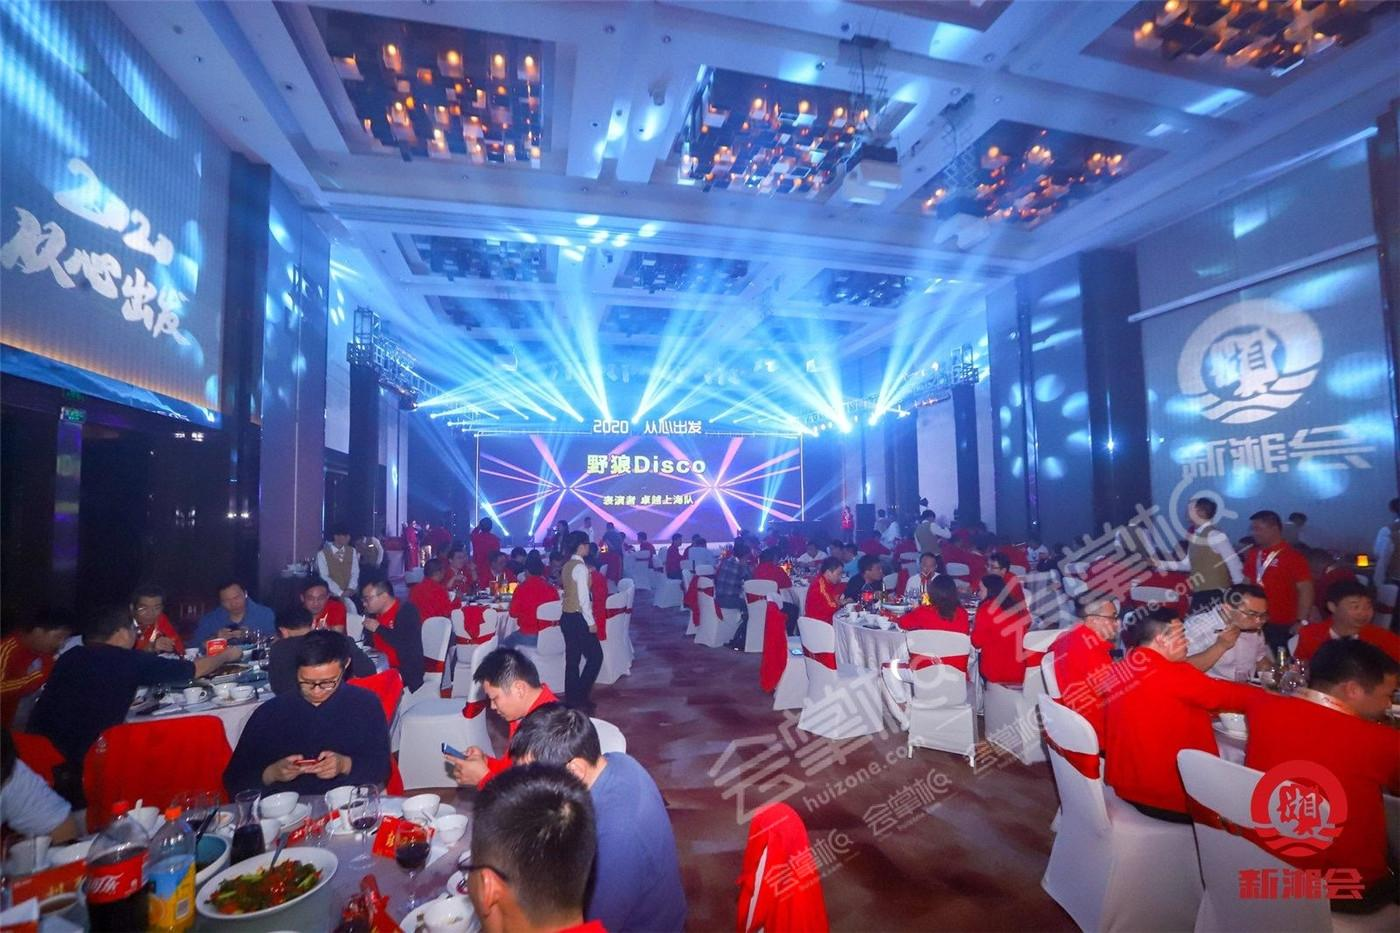 广州天河新天希尔顿酒店动态:2020,从心出发--新湘会2020新春年会暨六周年庆